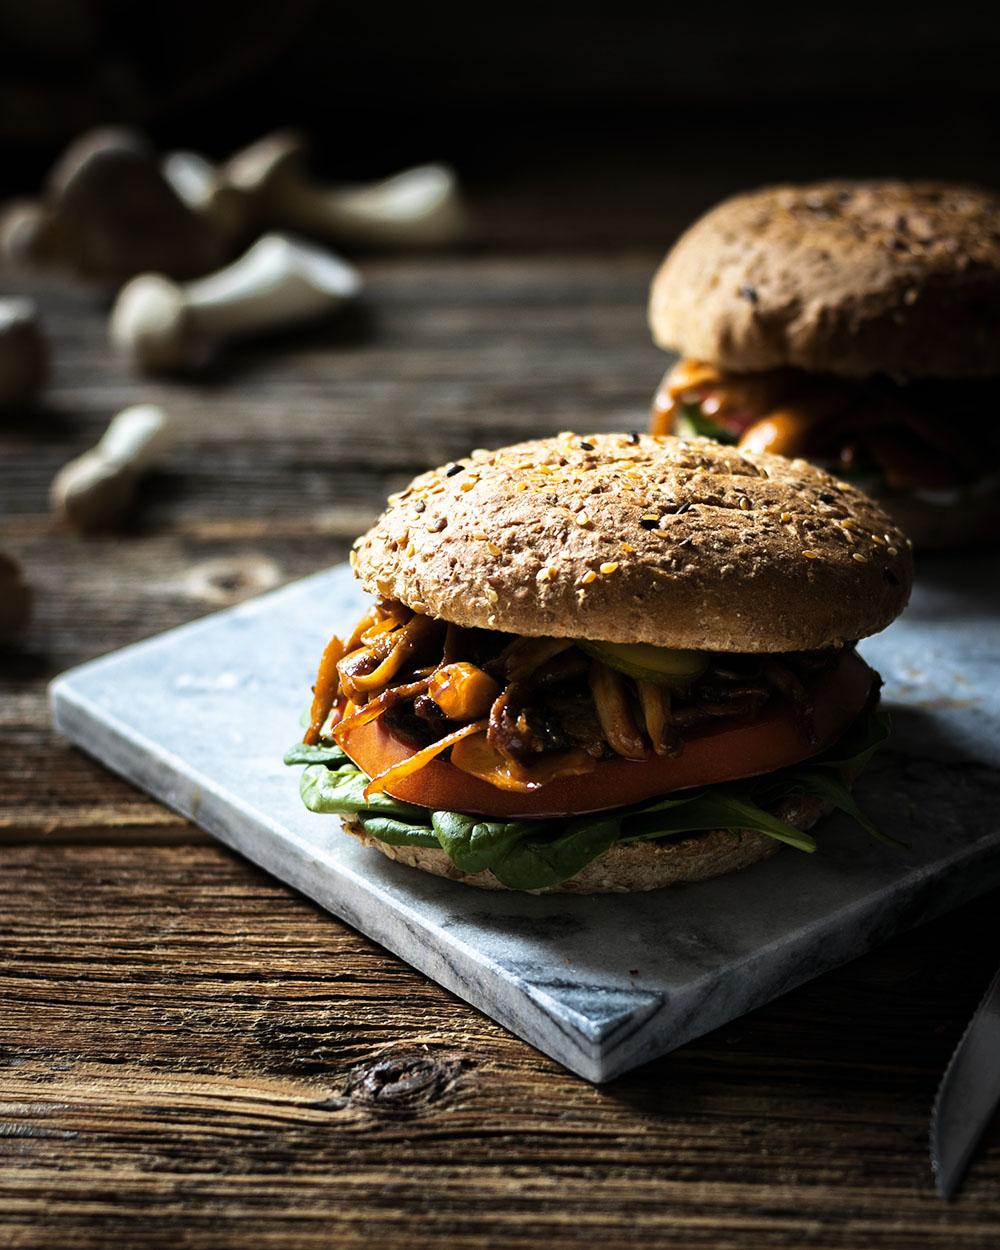 Burger geht auch vegetarisch mit diesem herzhaften Veggie-Burger